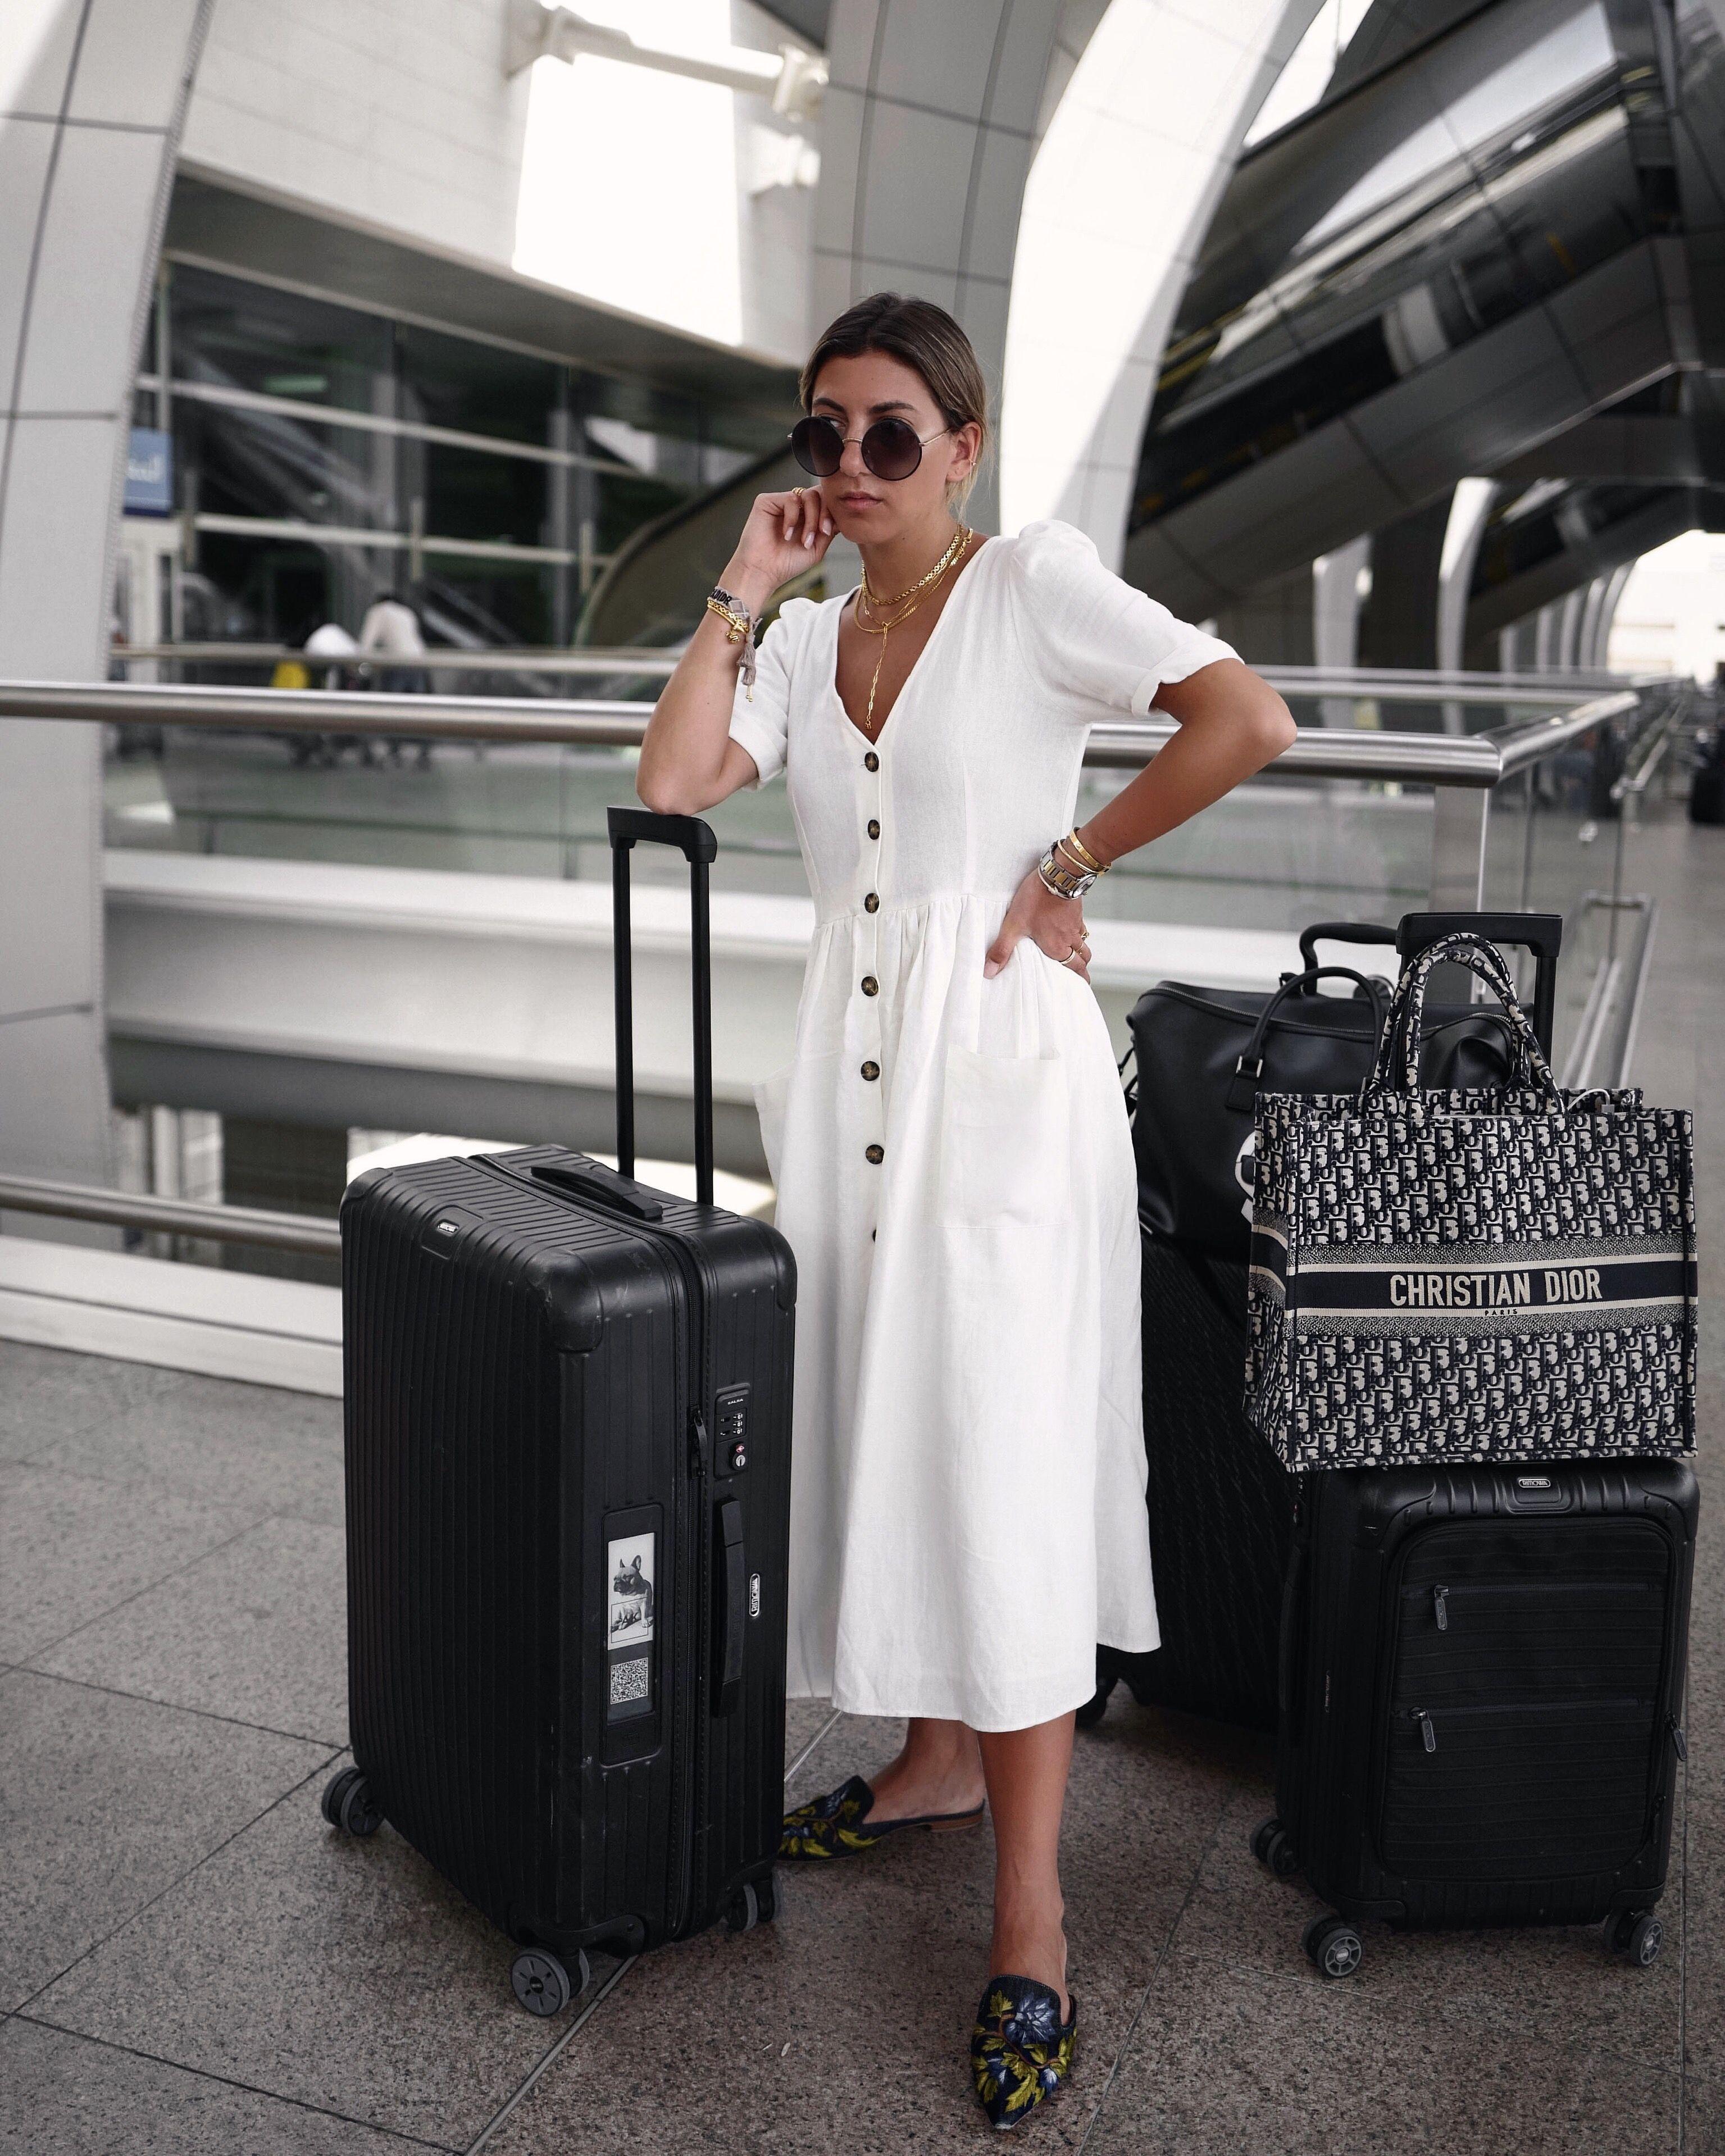 617cf0c47897 Dior tote bag